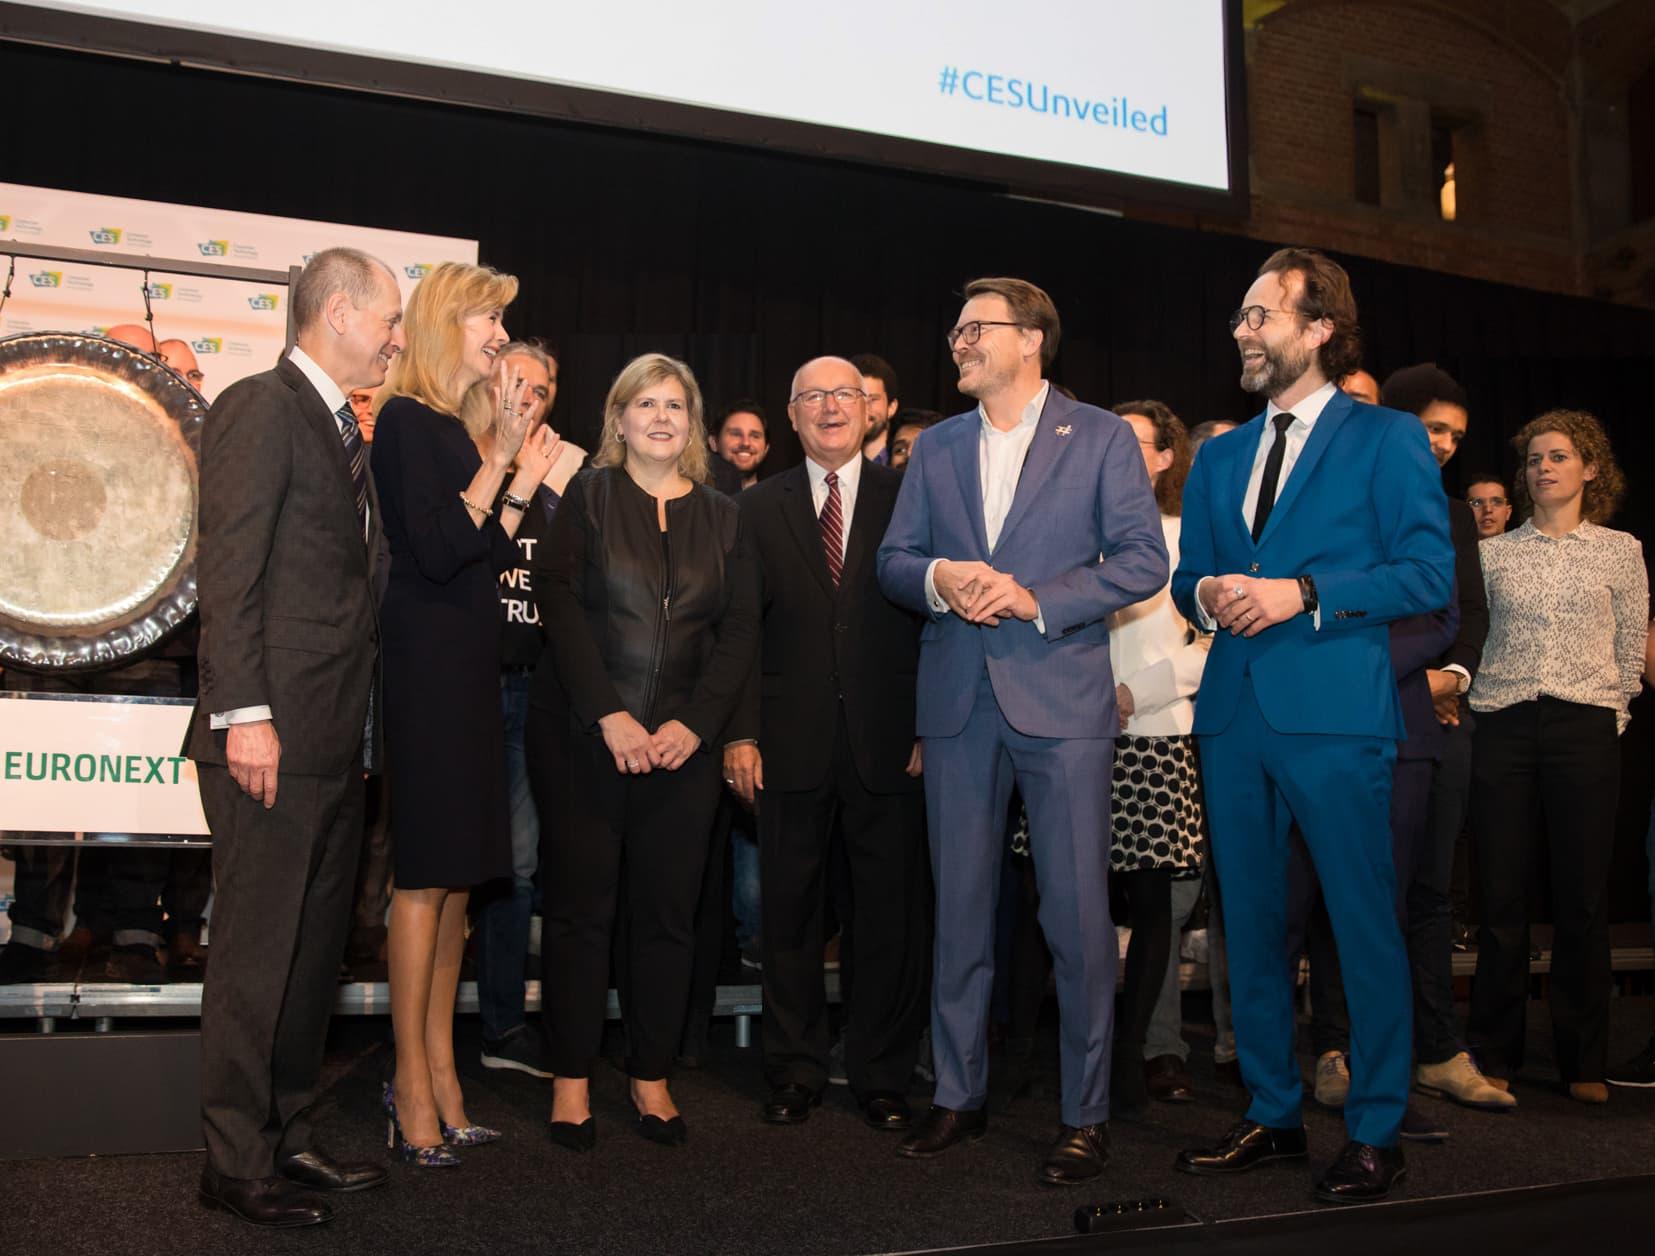 Podiumceremonie CES Unveiled